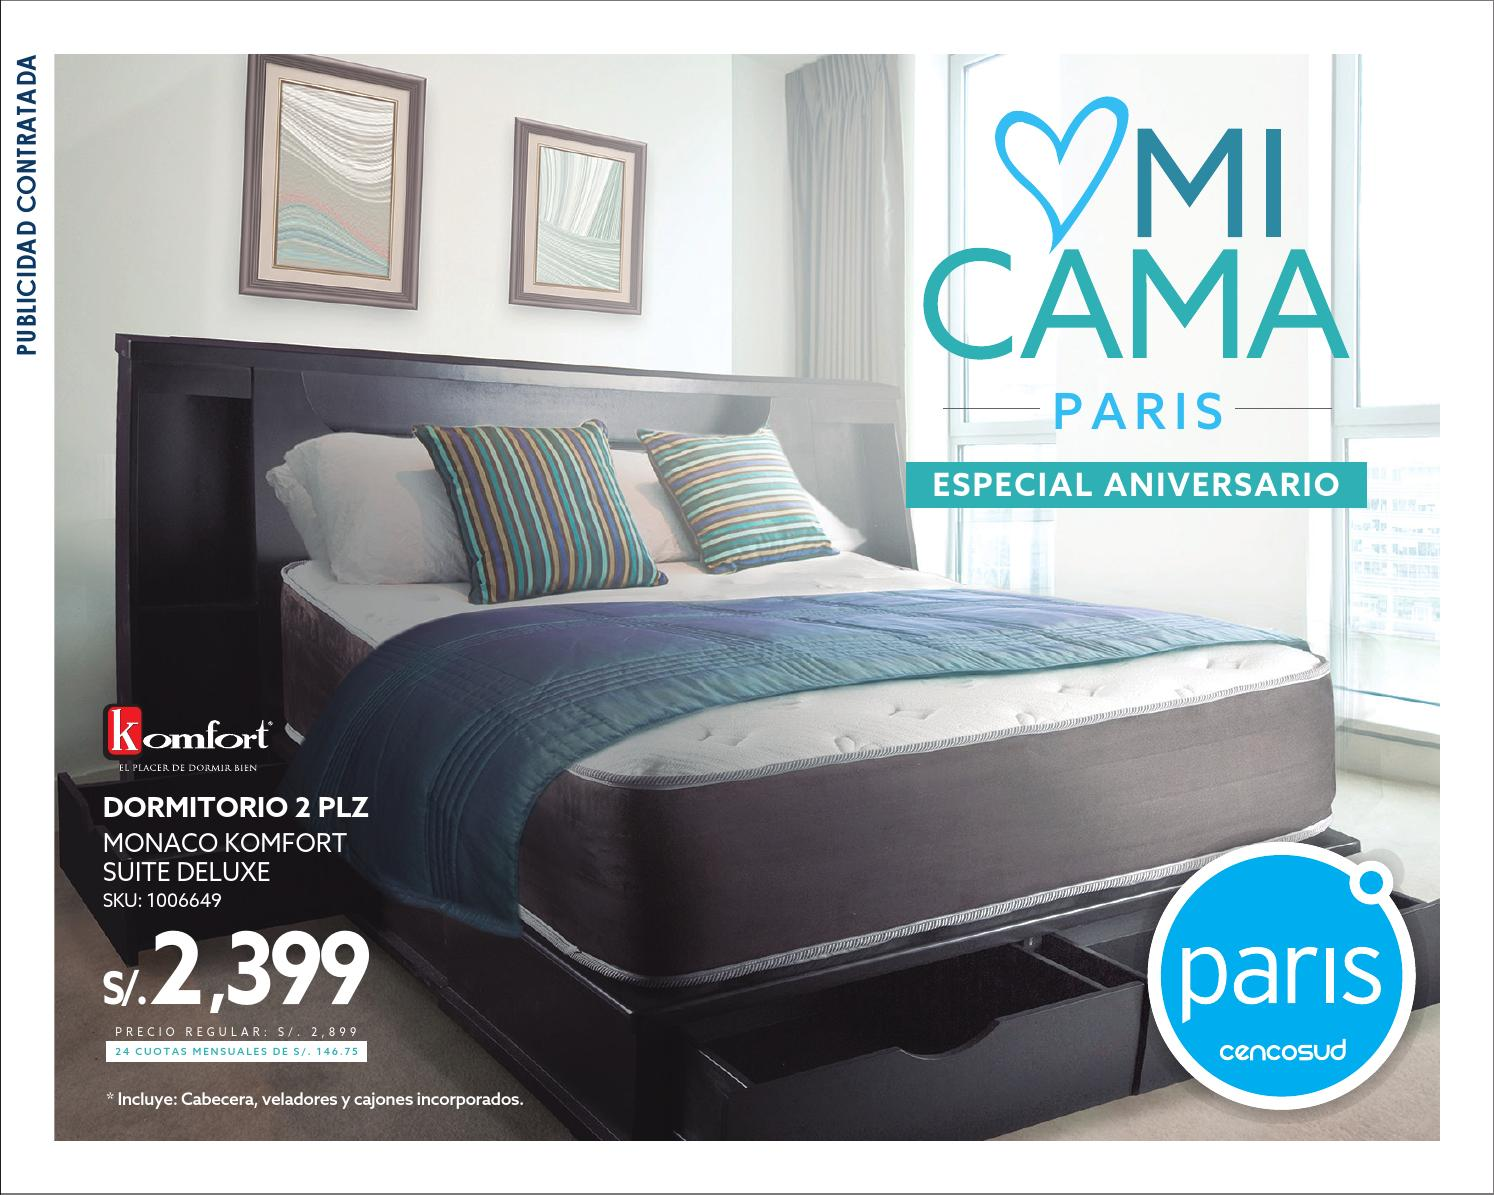 Paris cat logo colchones by paris issuu - Precios de somieres y colchones ...